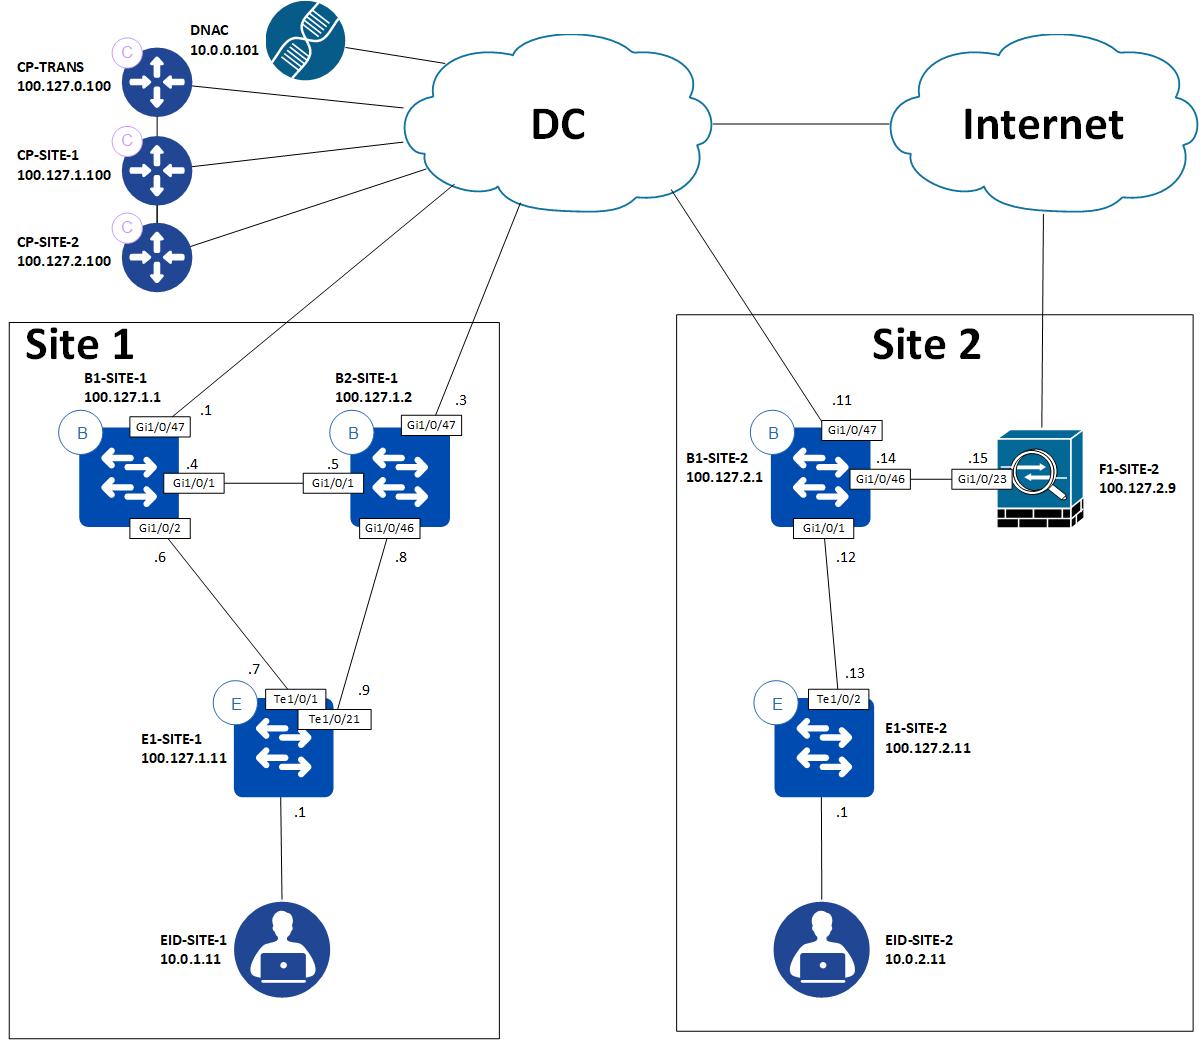 SDA transit med Direct Internet Access mjukvarubaserade nätverk Conscia